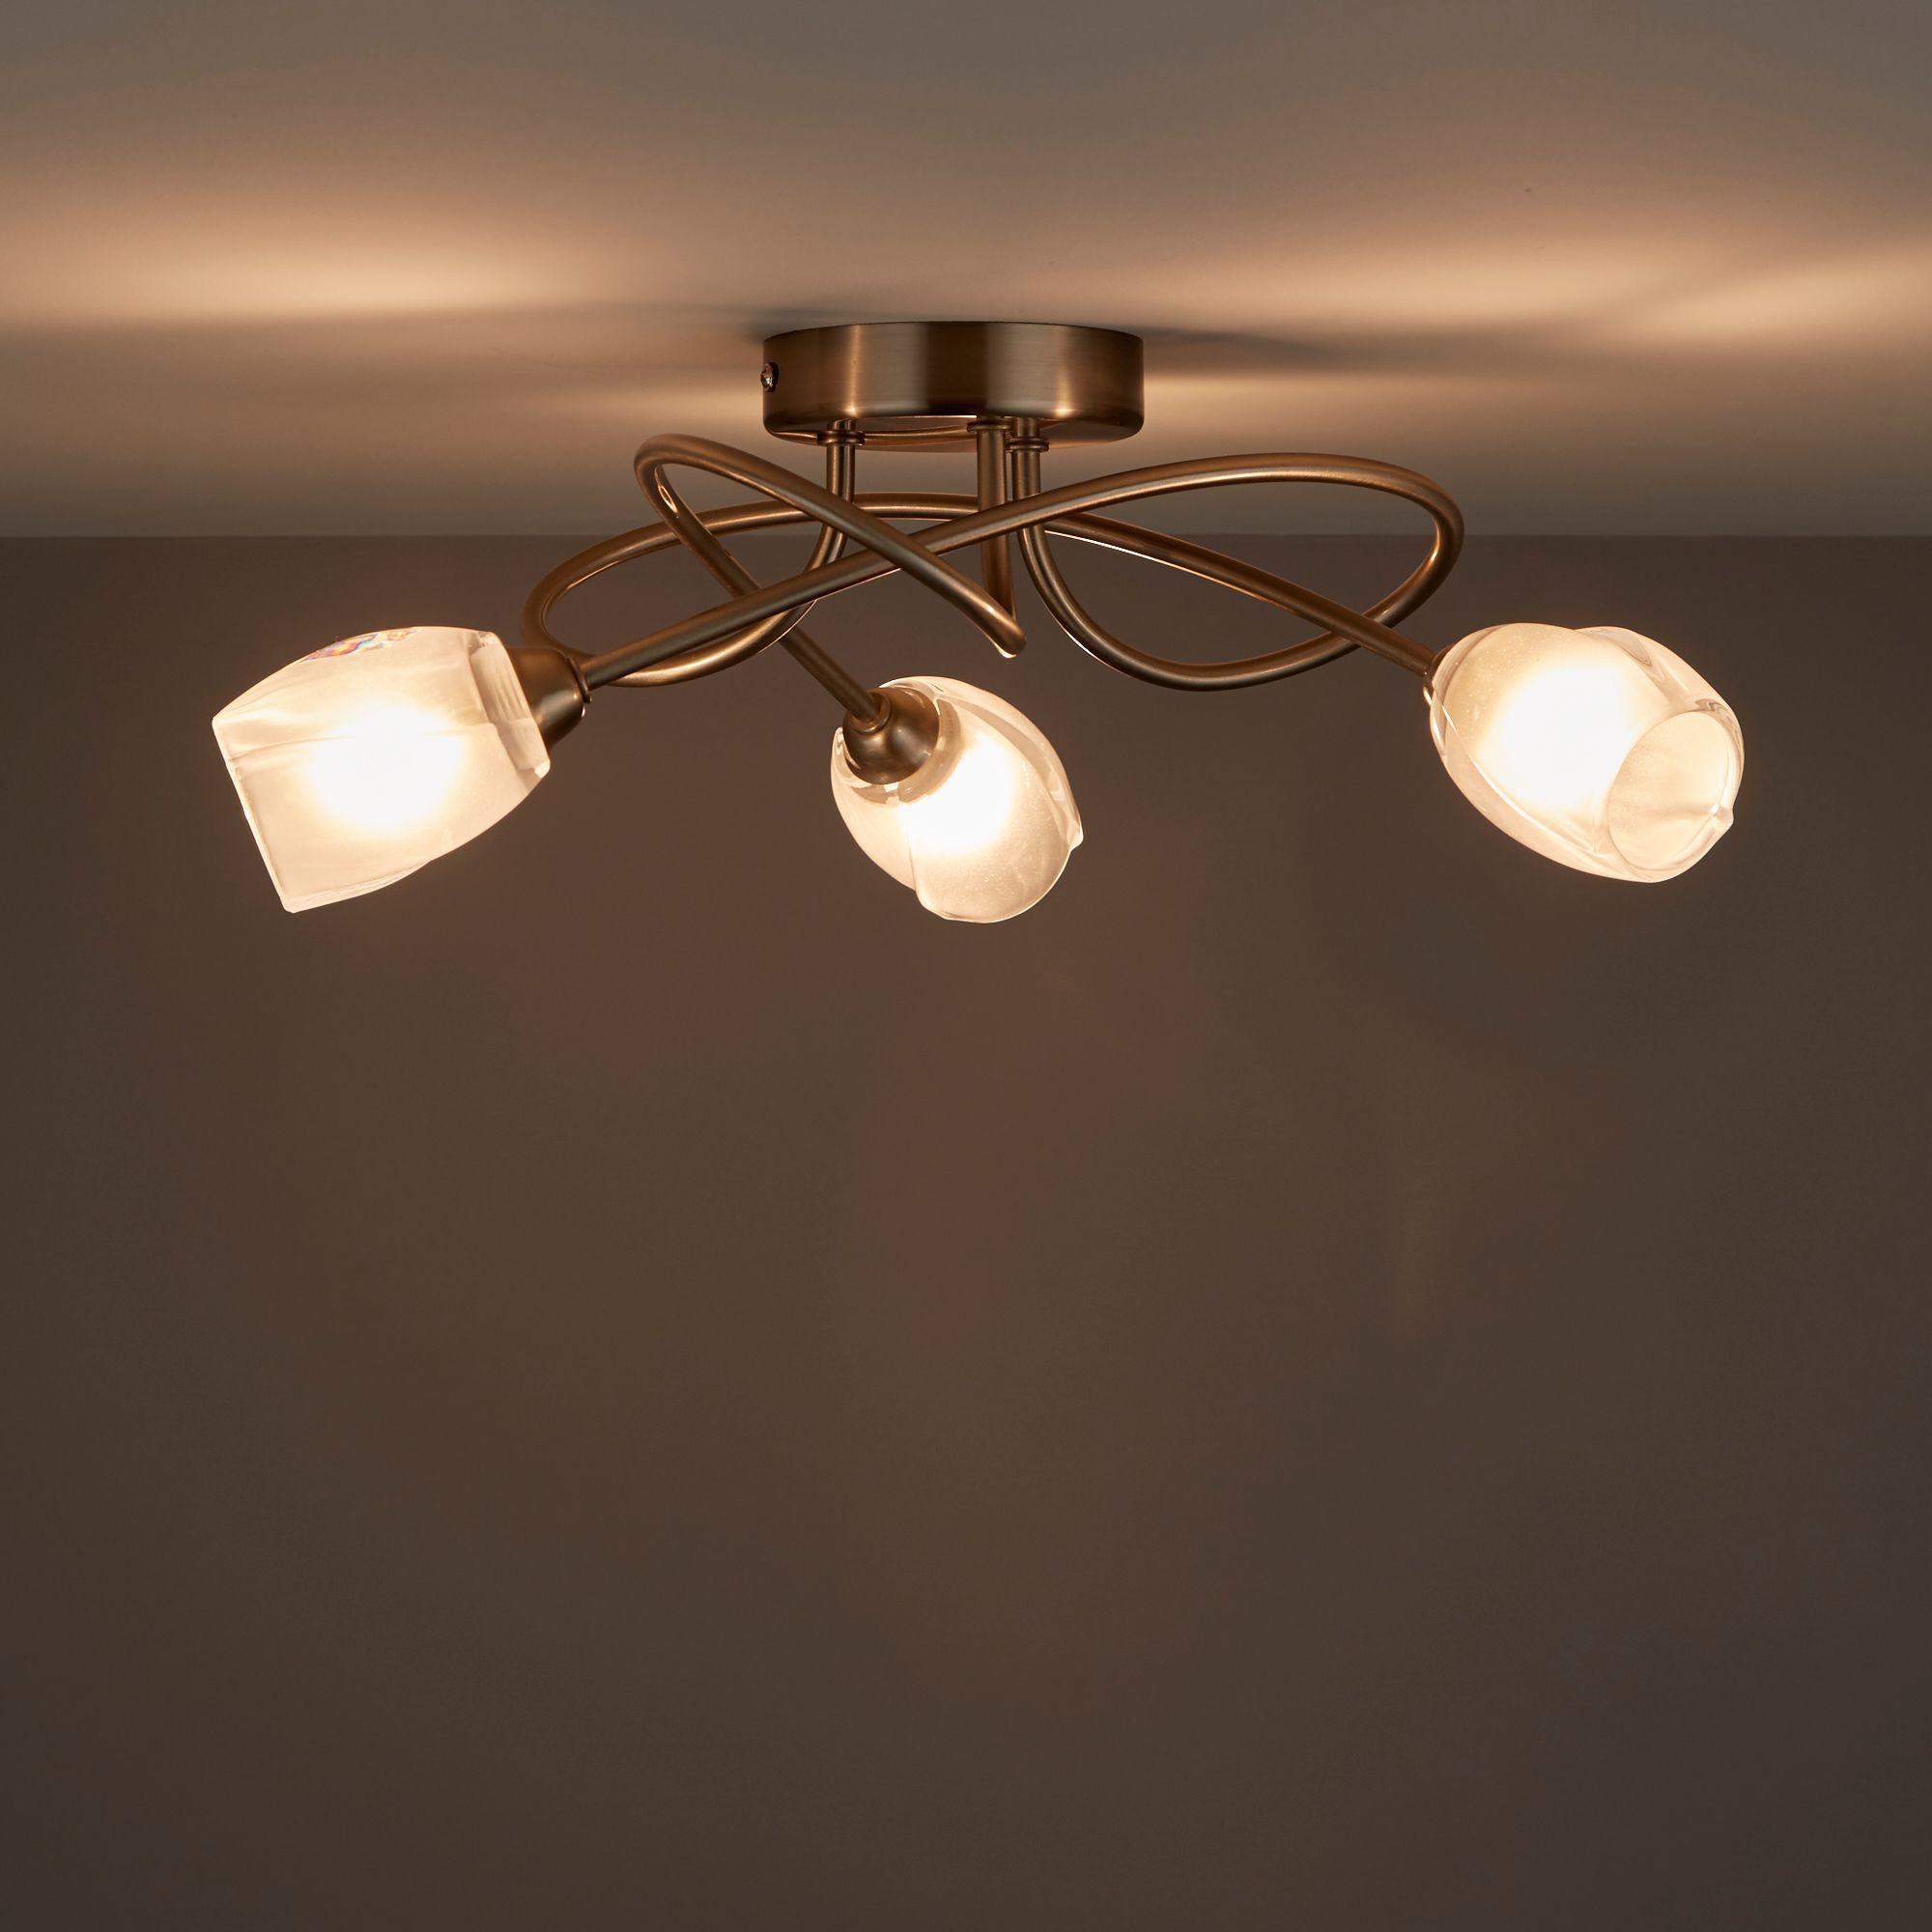 Forbes Satin Chrome 3 Lamp Ceiling Light